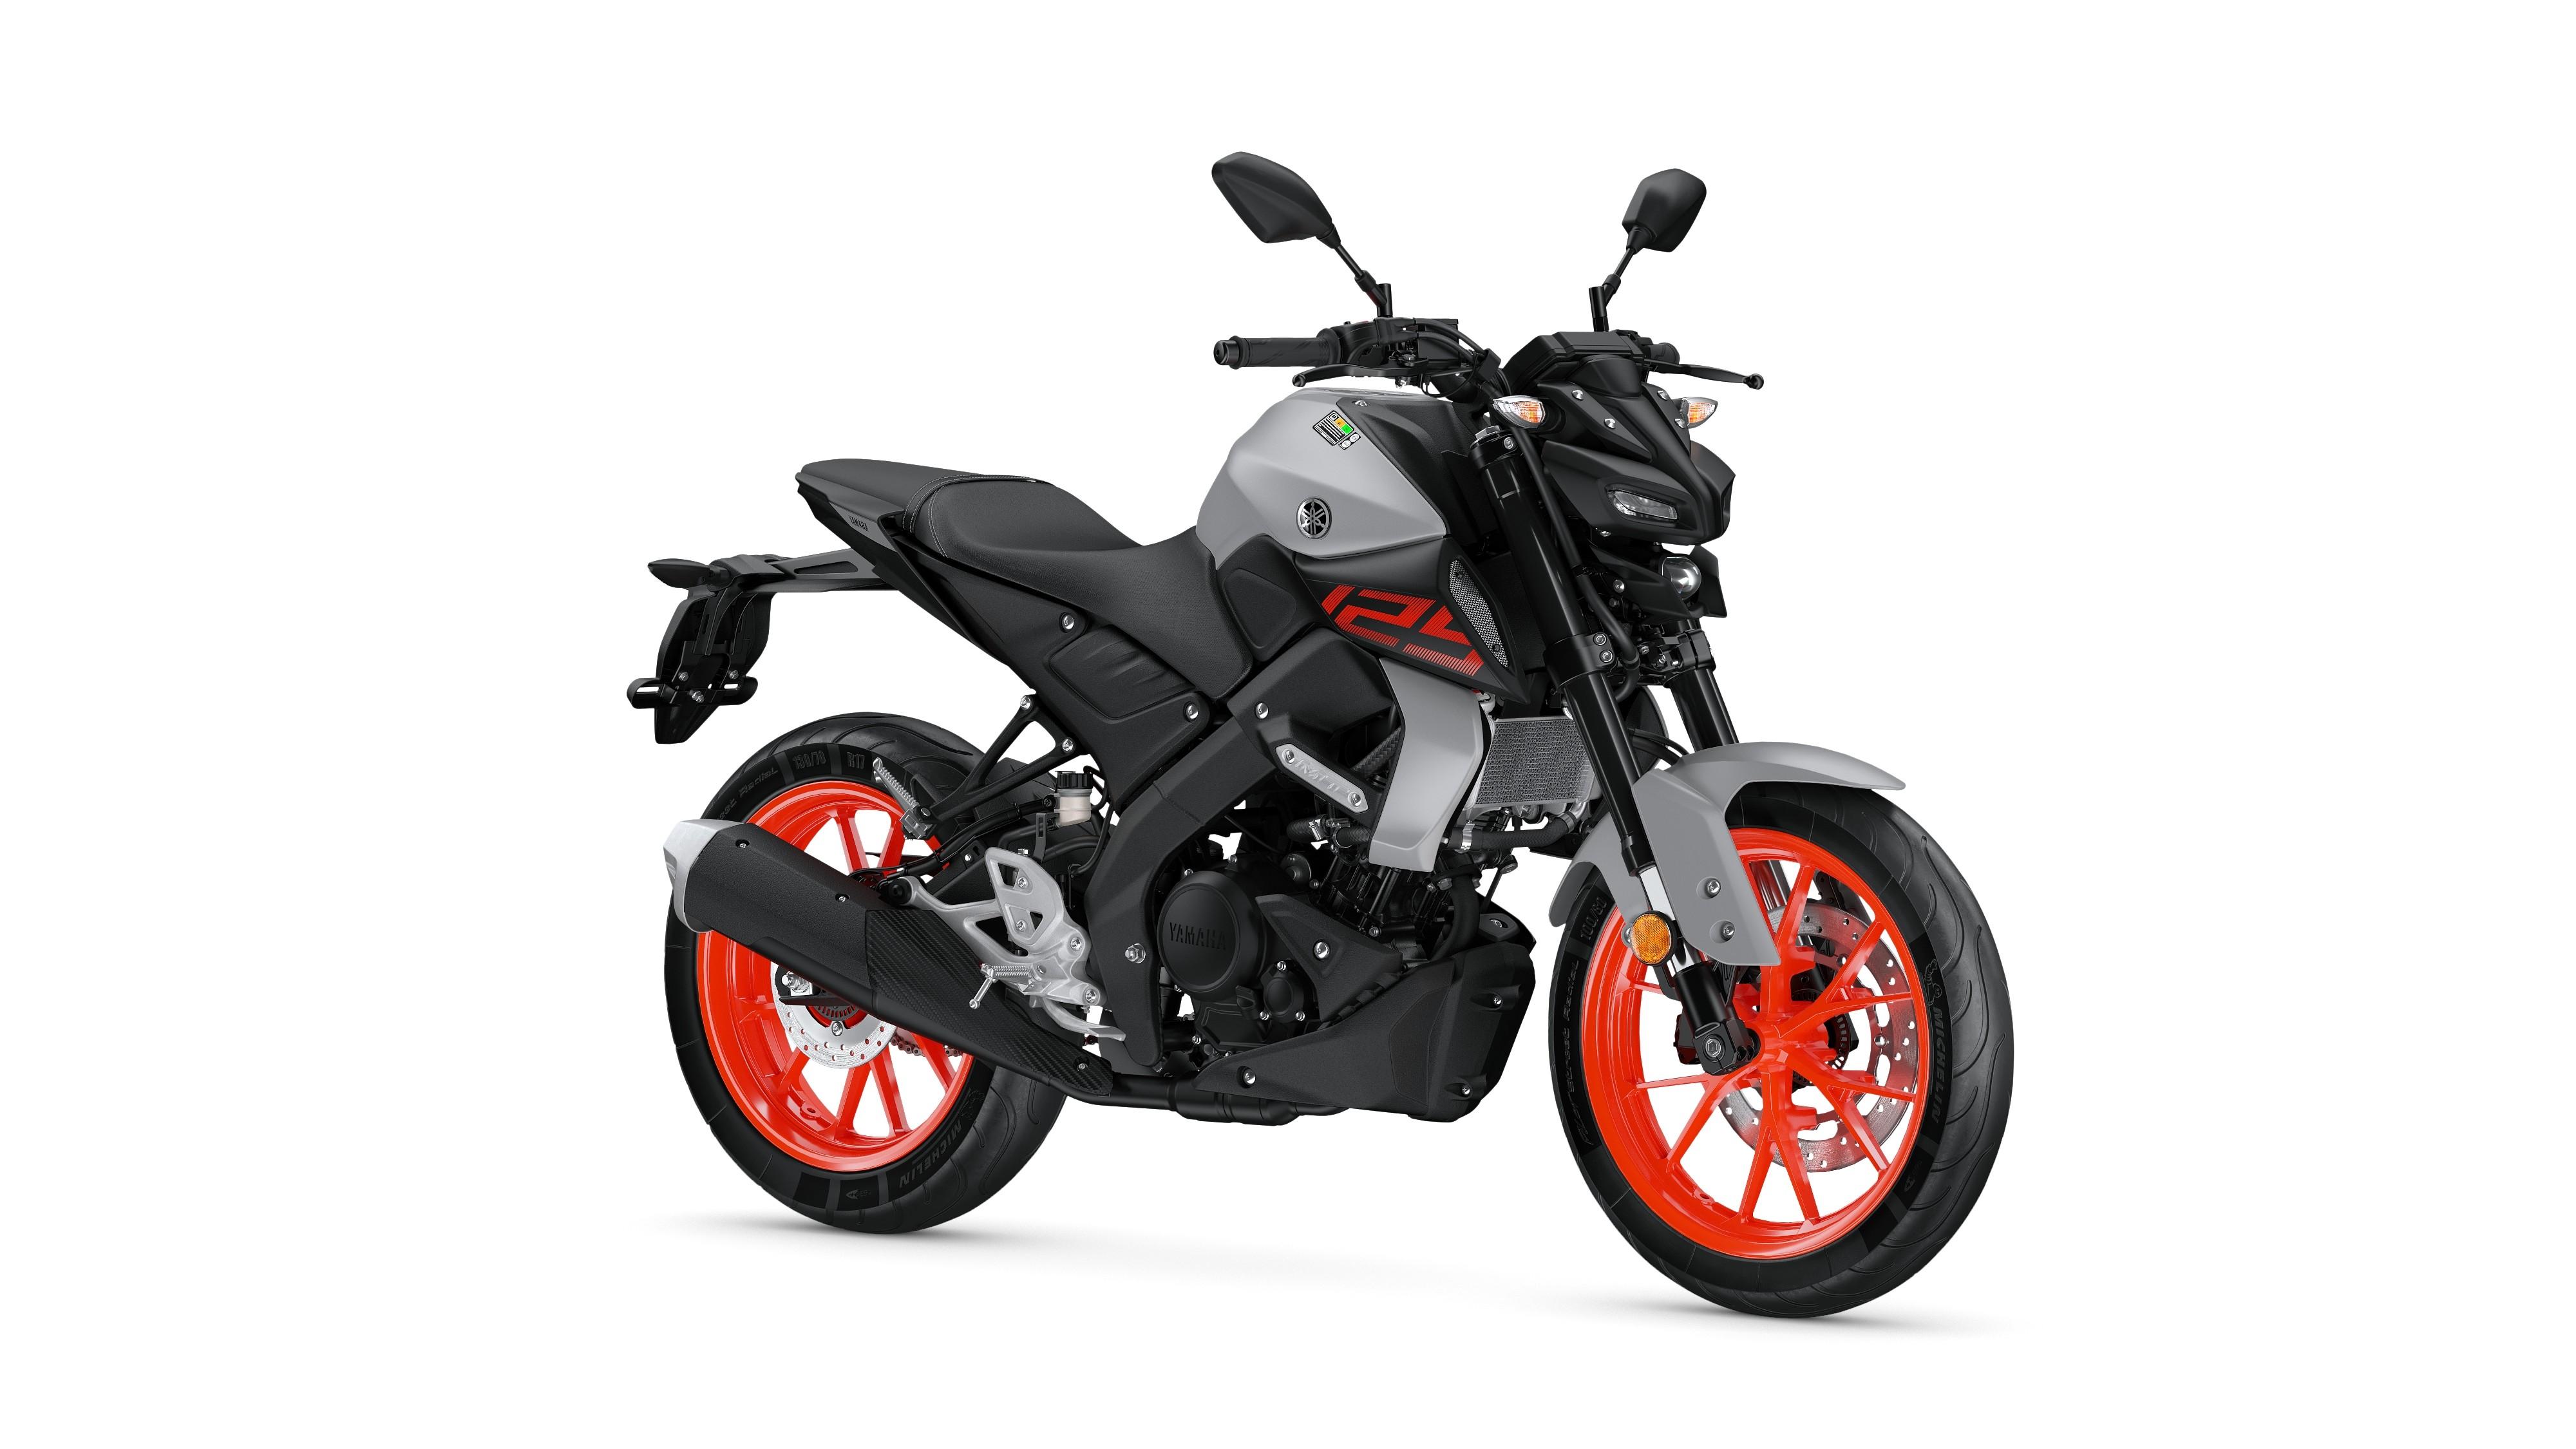 Yamaha MT-125 é apresentada como opção 'naked' de baixa cilindrada - Notícias - Plantão Diário